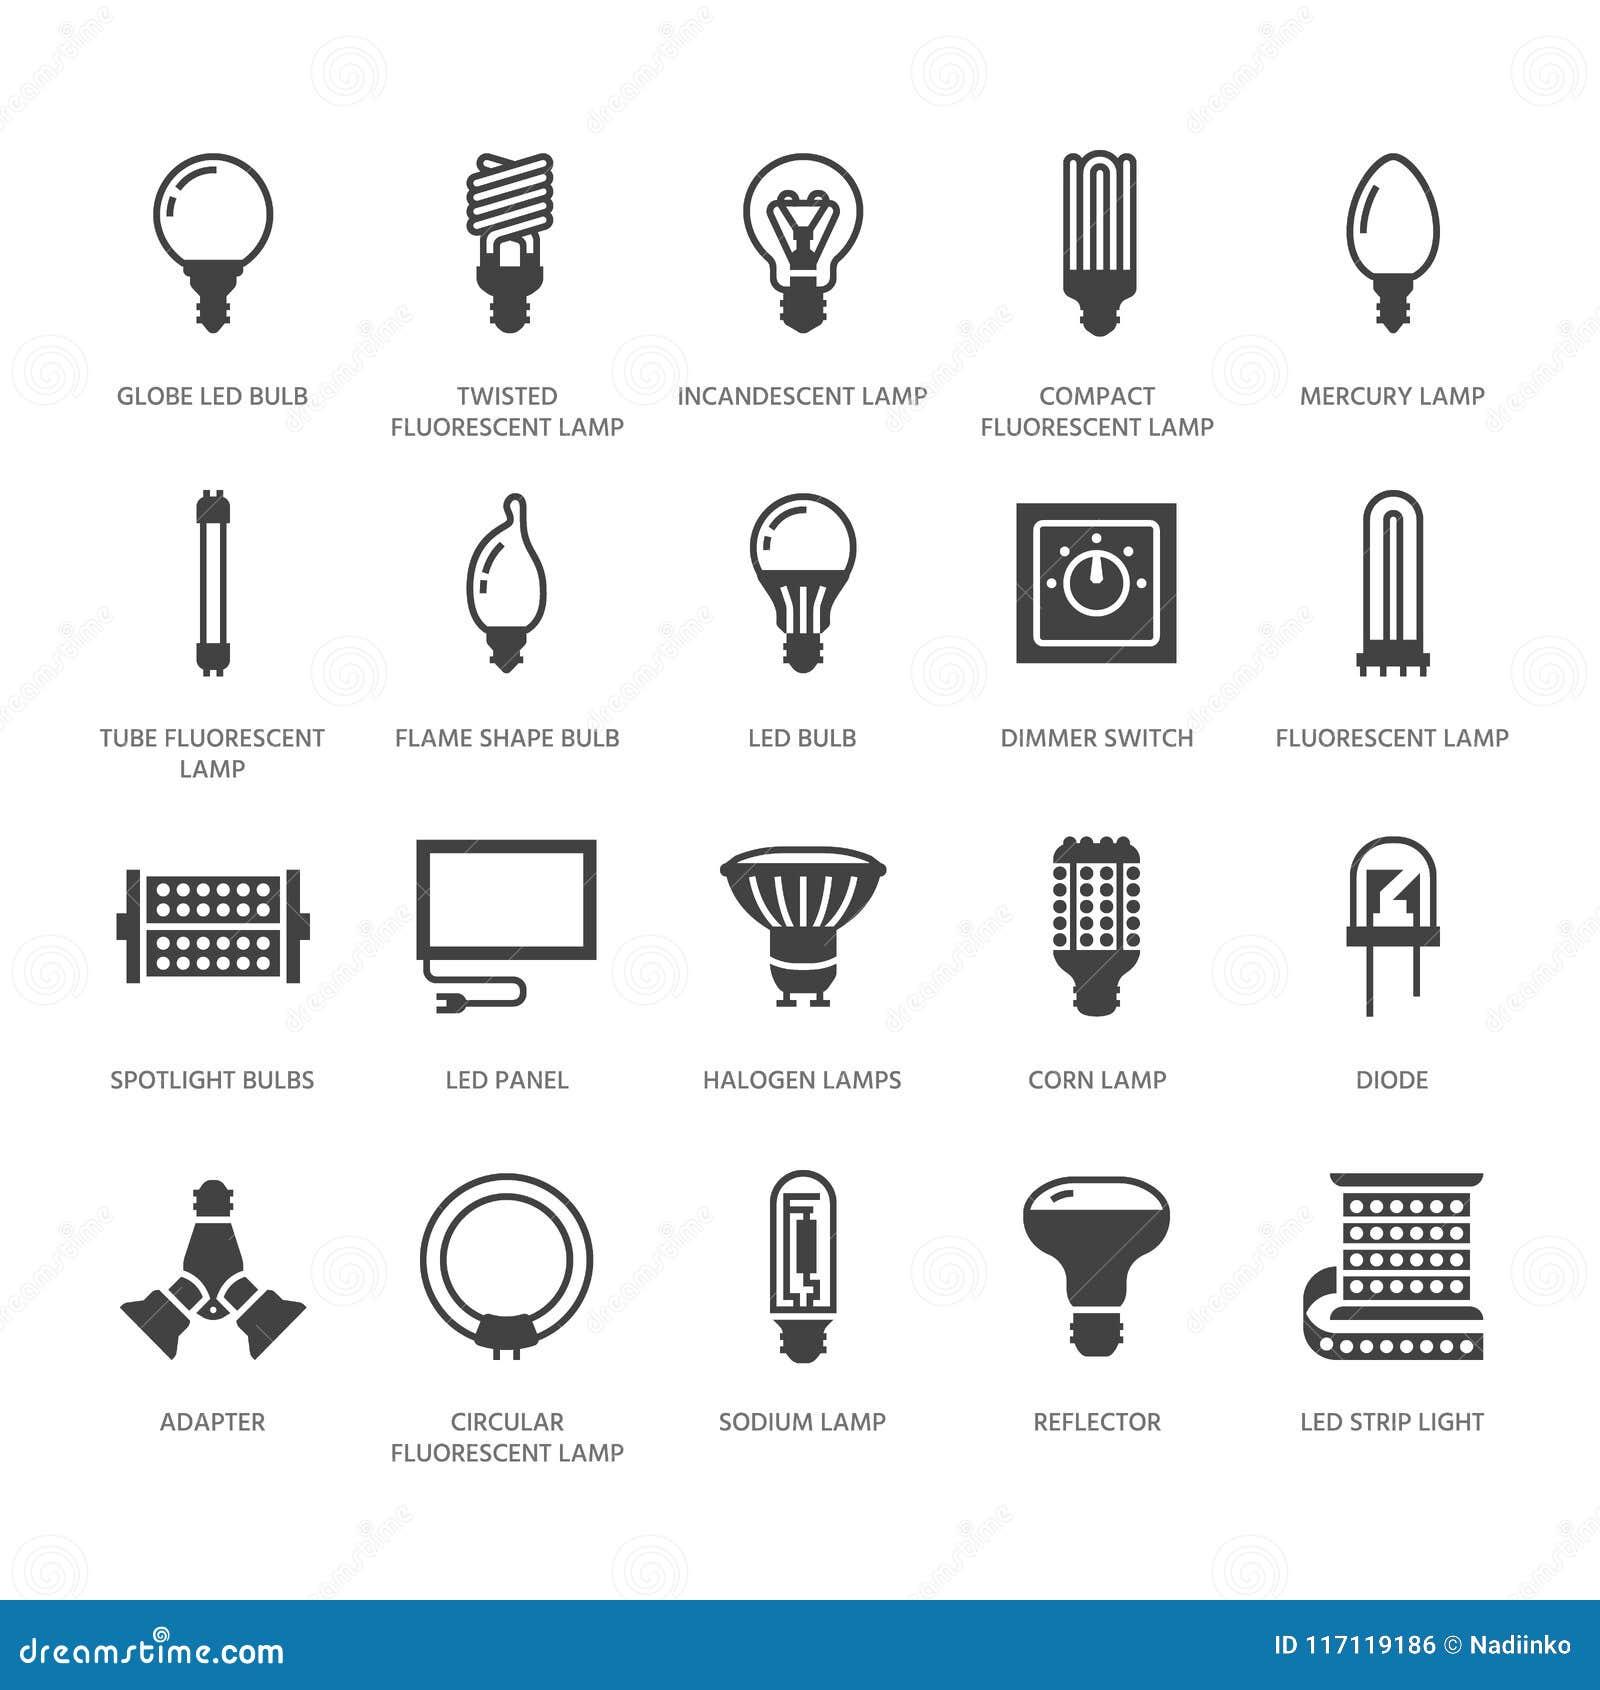 Iconos Del Las Bombillas Glyph Las Planos De Tipos De 54LAR3cjqS